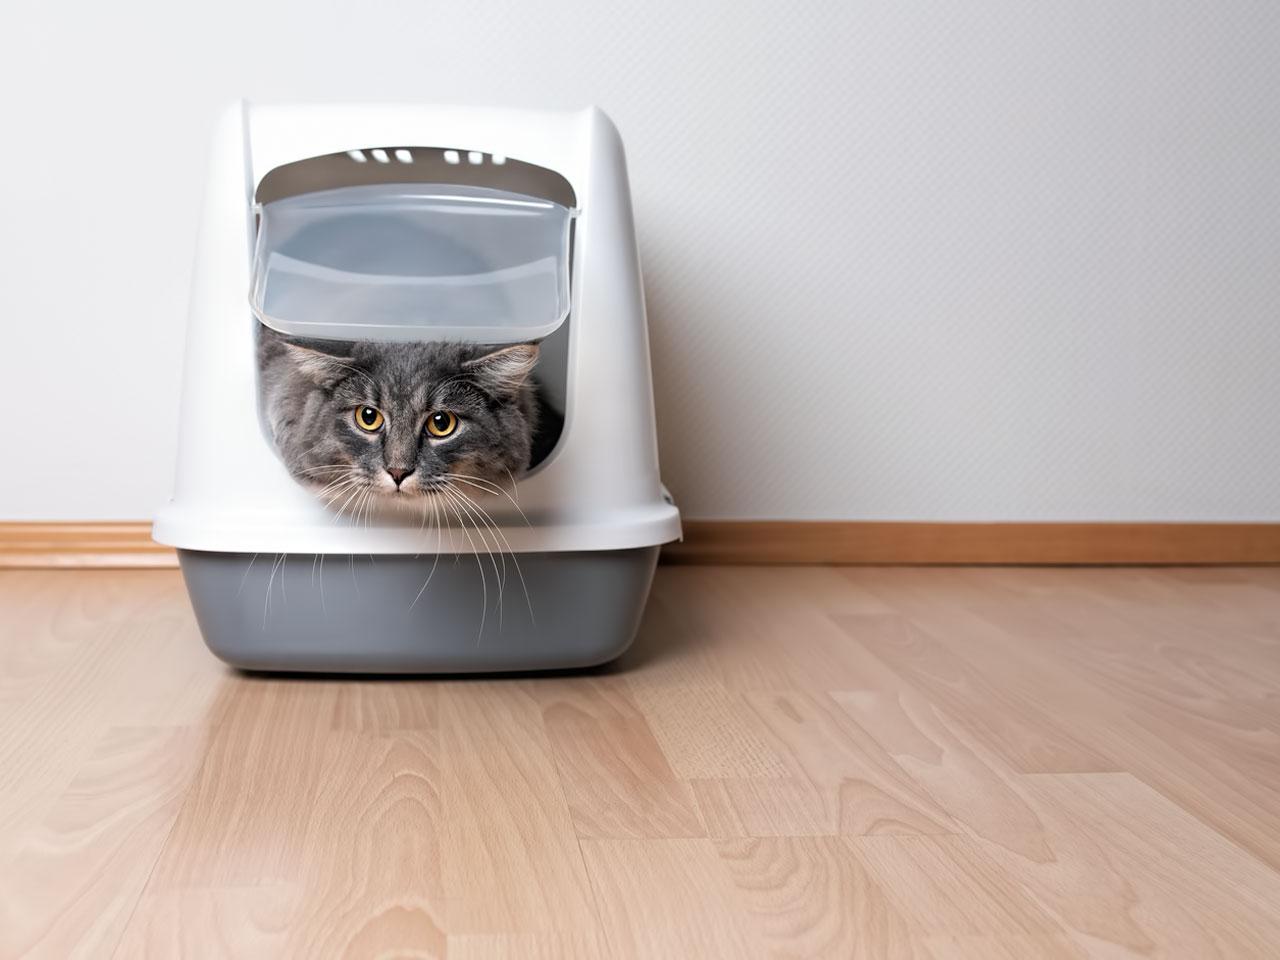 Katze schaut aus Katzentoilette